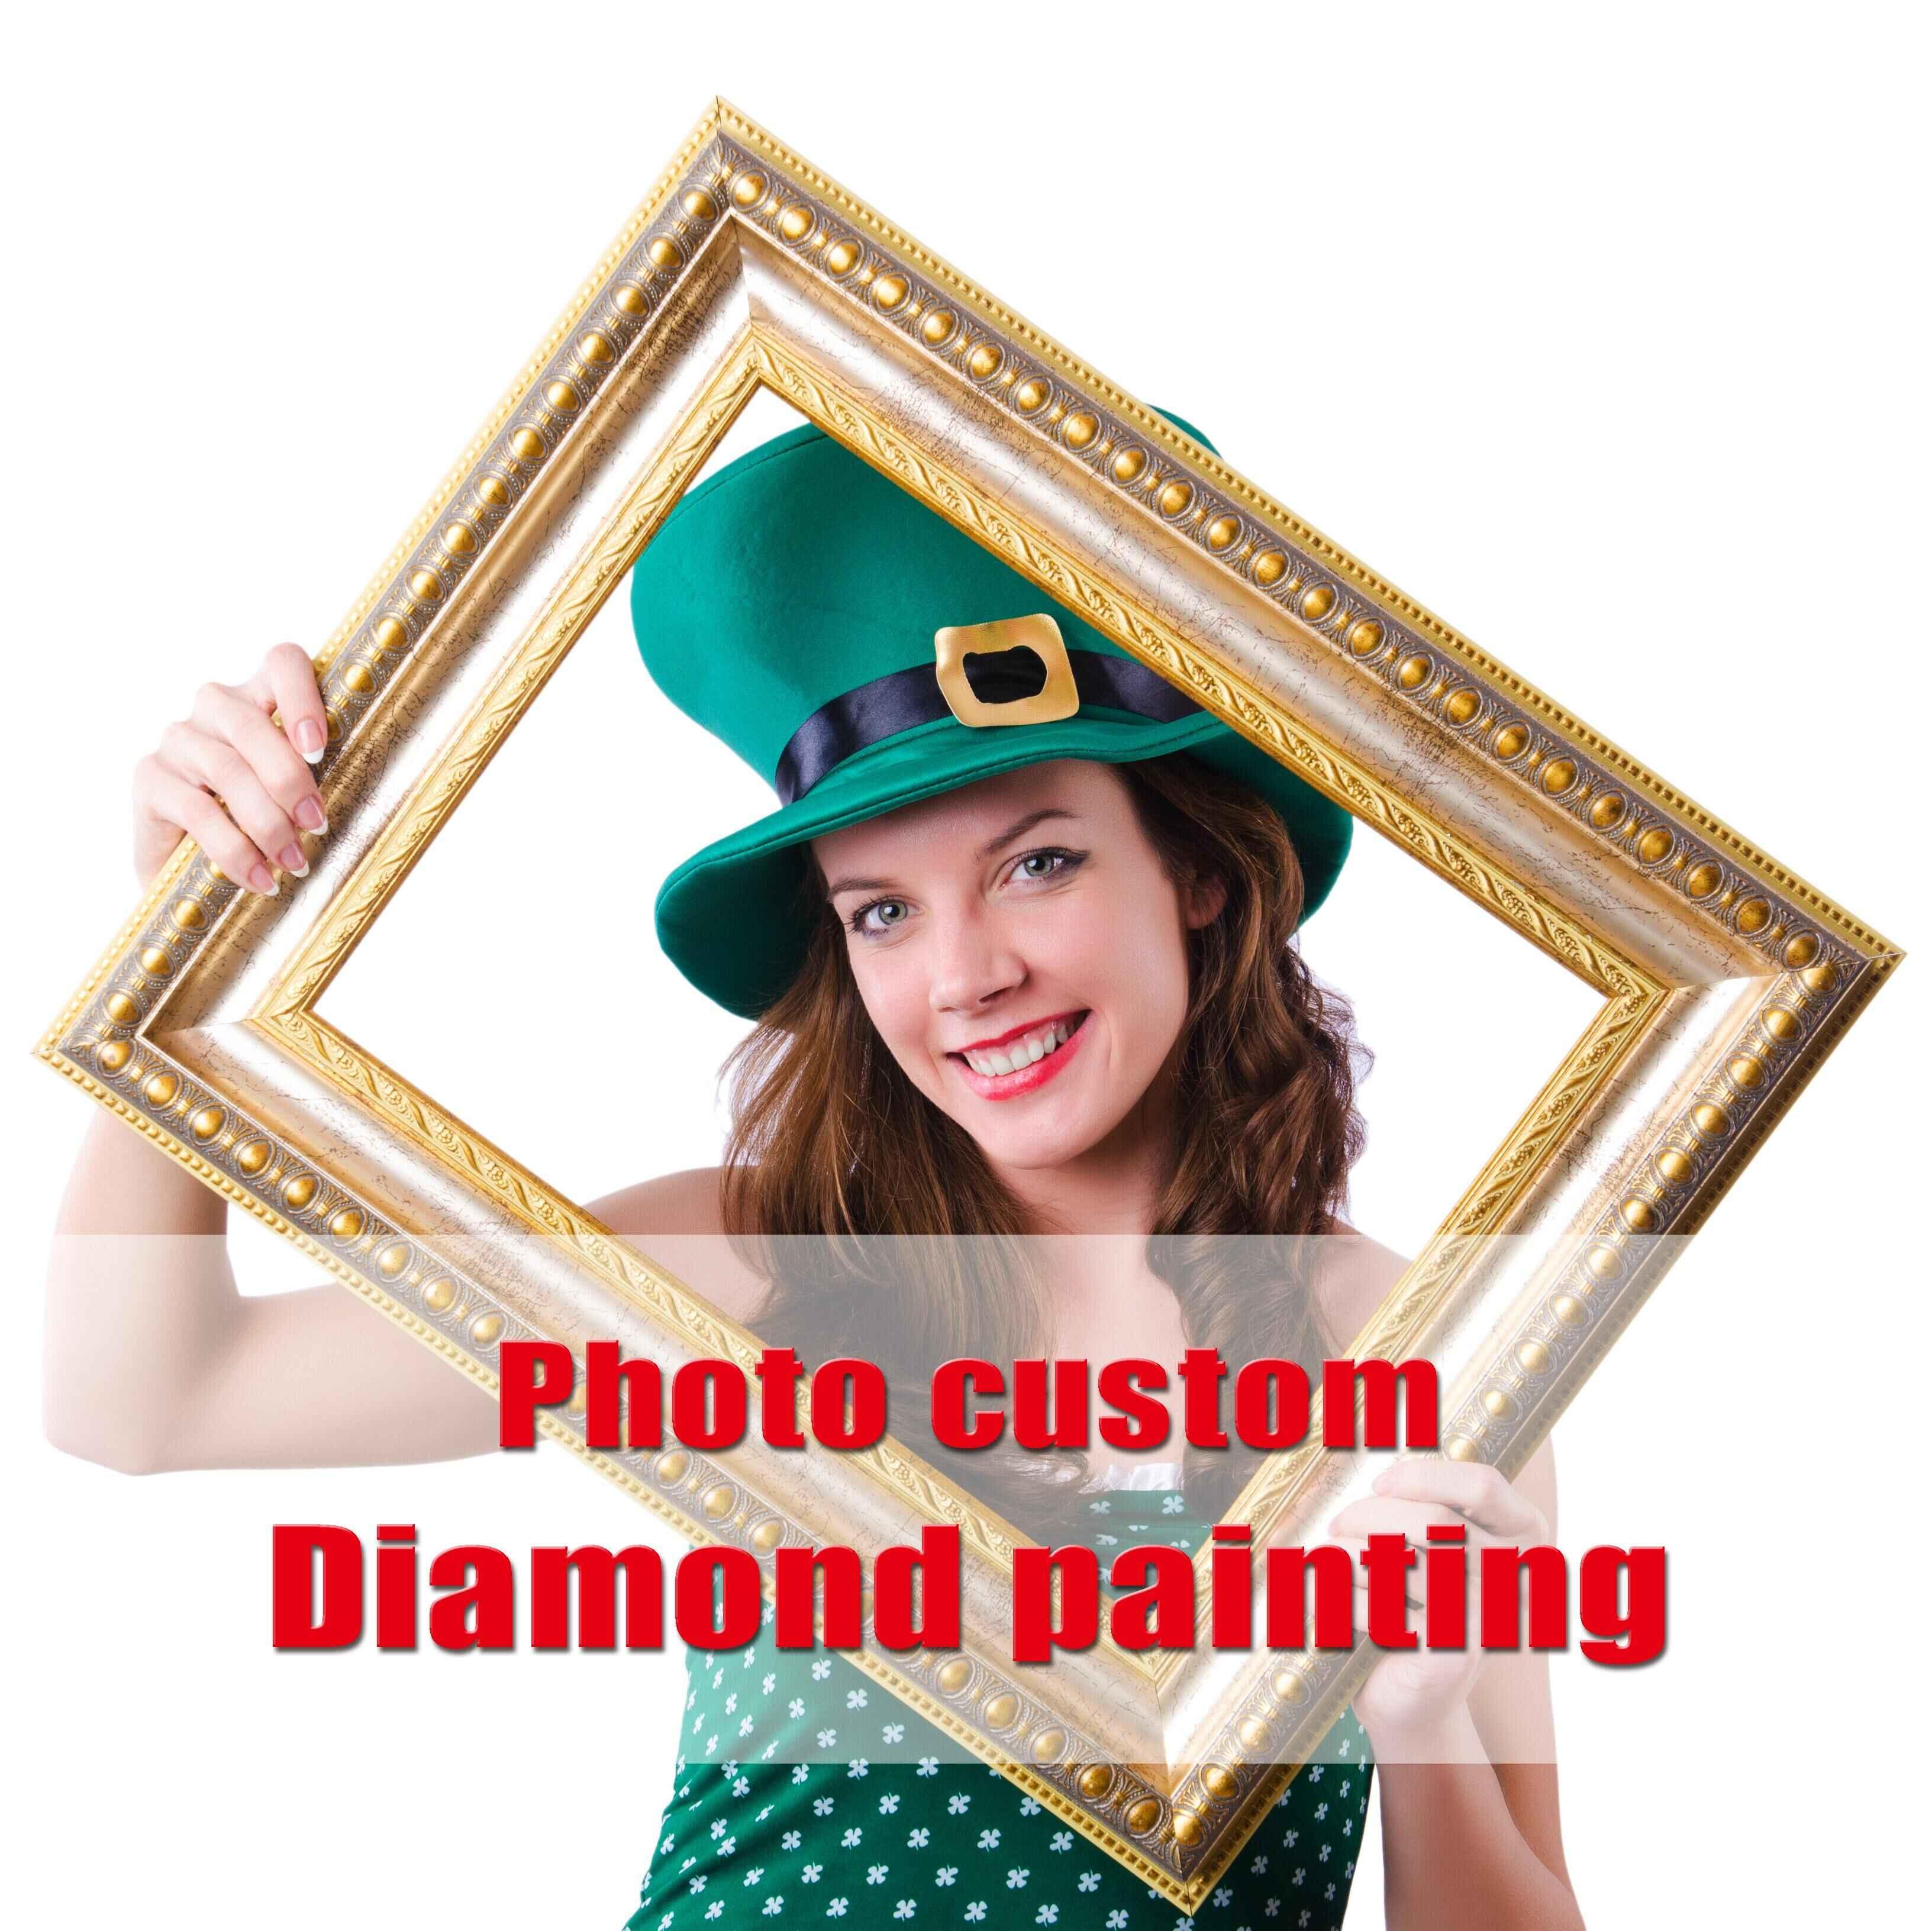 写真のカスタムダイヤモンド塗装クロスステッチフル画像ラインストーンホームオフィスの結婚式の装飾ギフト